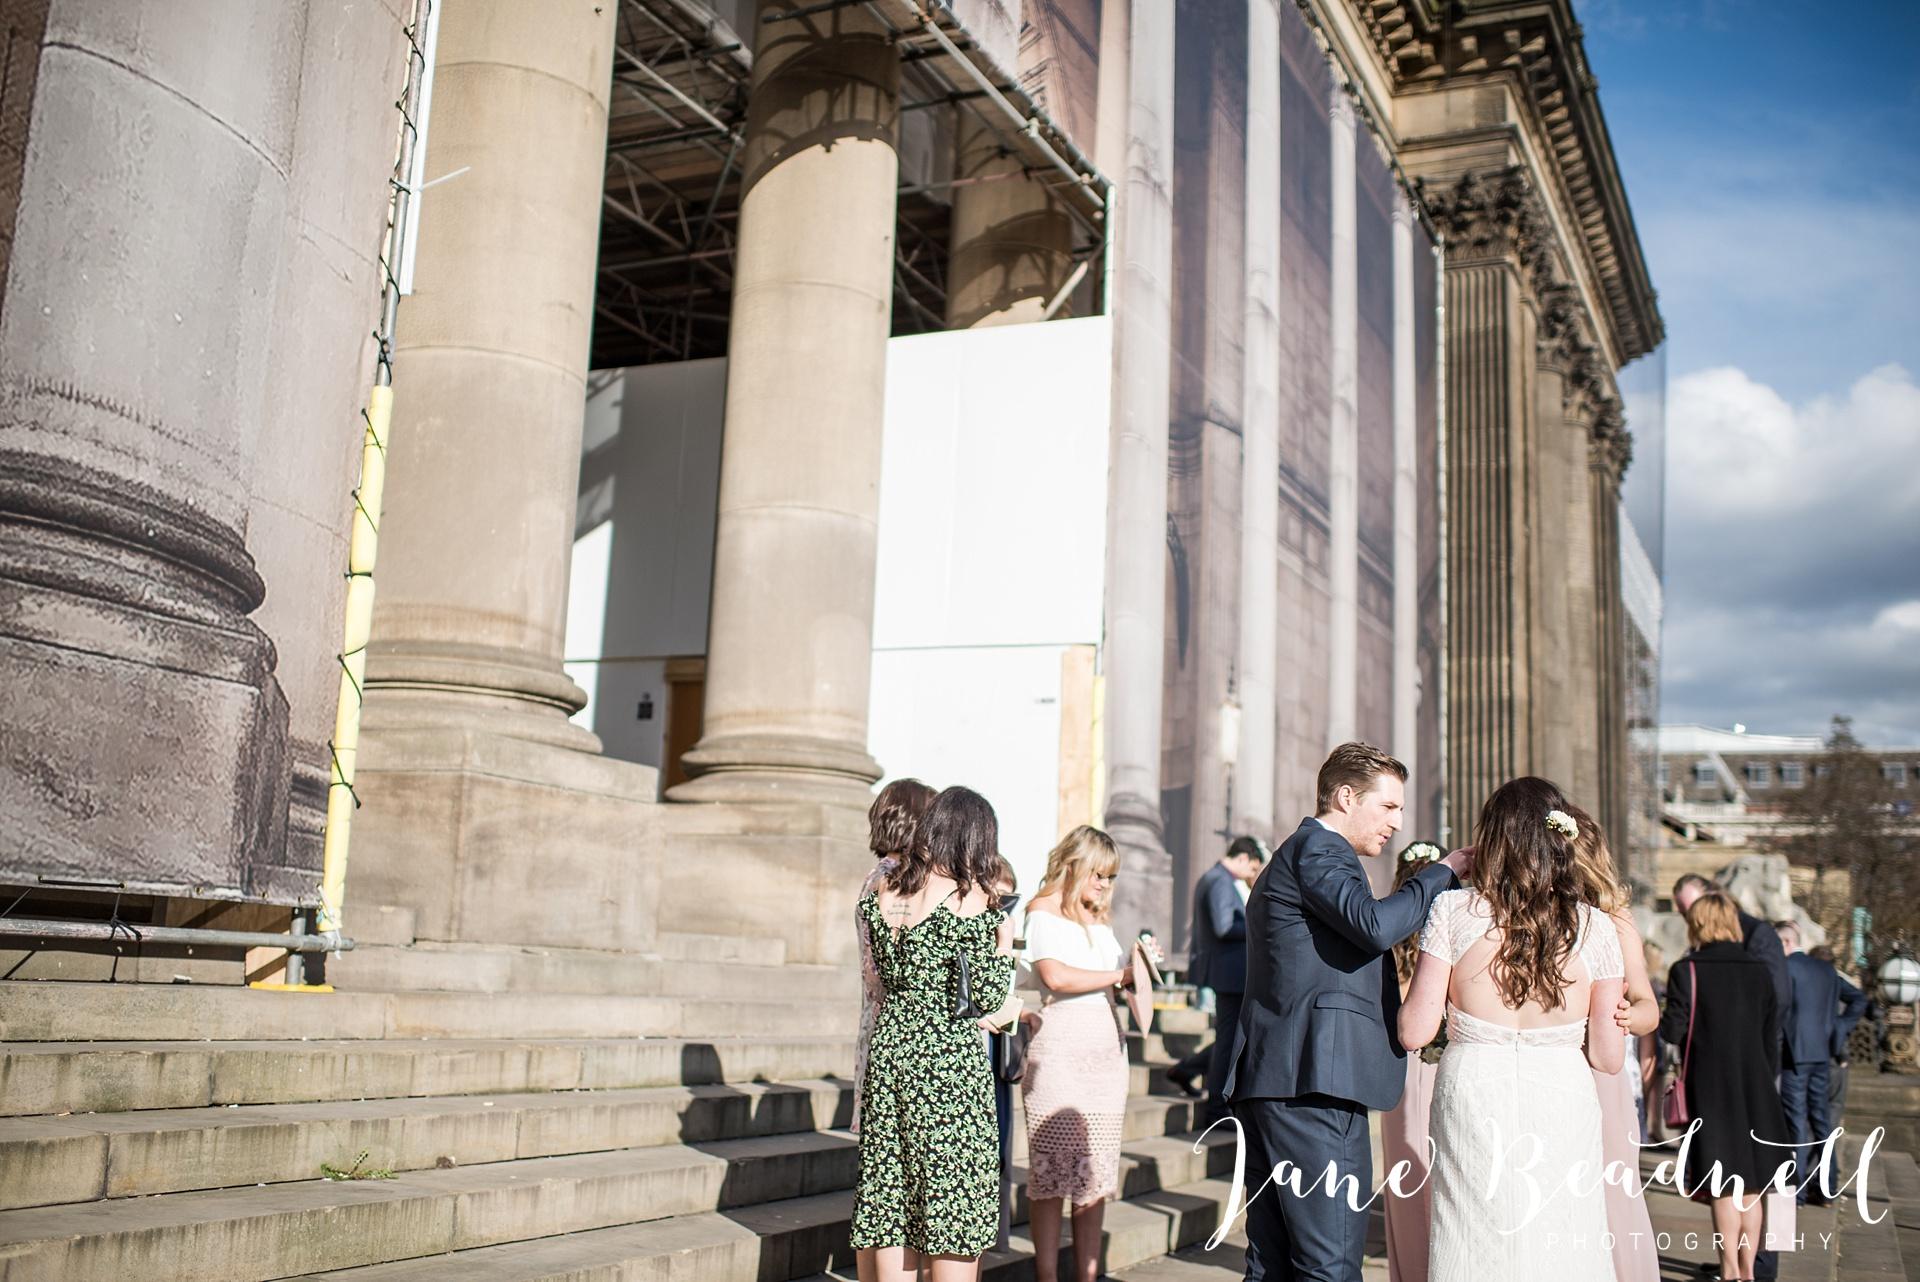 Wedding photography Cross Keys Leeds Wedding Jane Beadnell Photography_0045